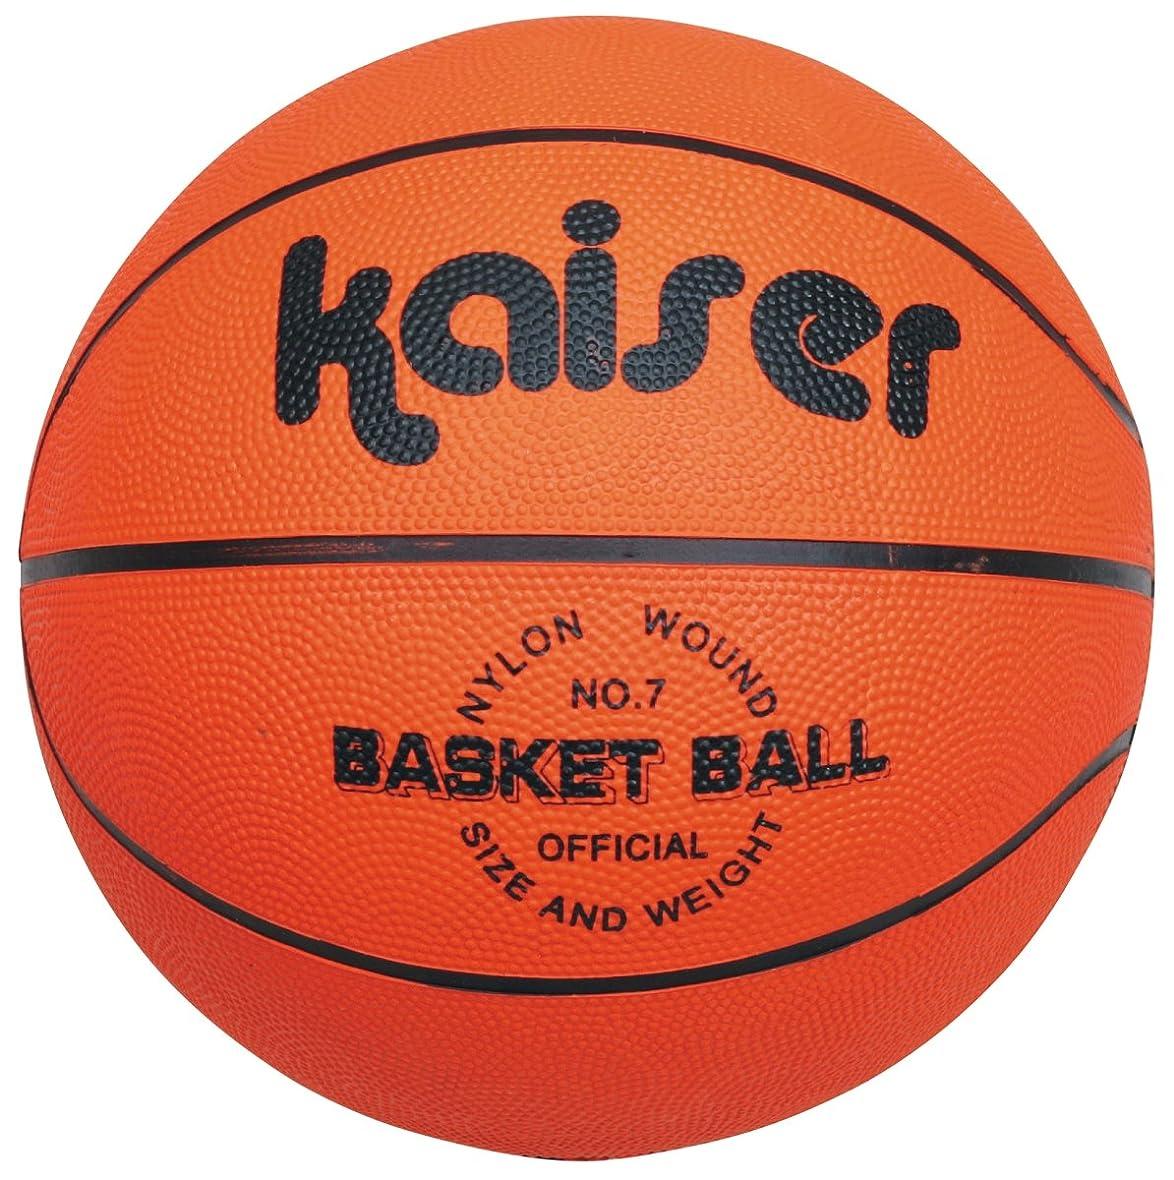 意味のある慢な静けさKaiser(カイザー) キャンパス バスケット ボール 7号 KW-496 BOX入り 高校男子~一般男子用 練習用 空気入れ レジャー ファミリースポーツ